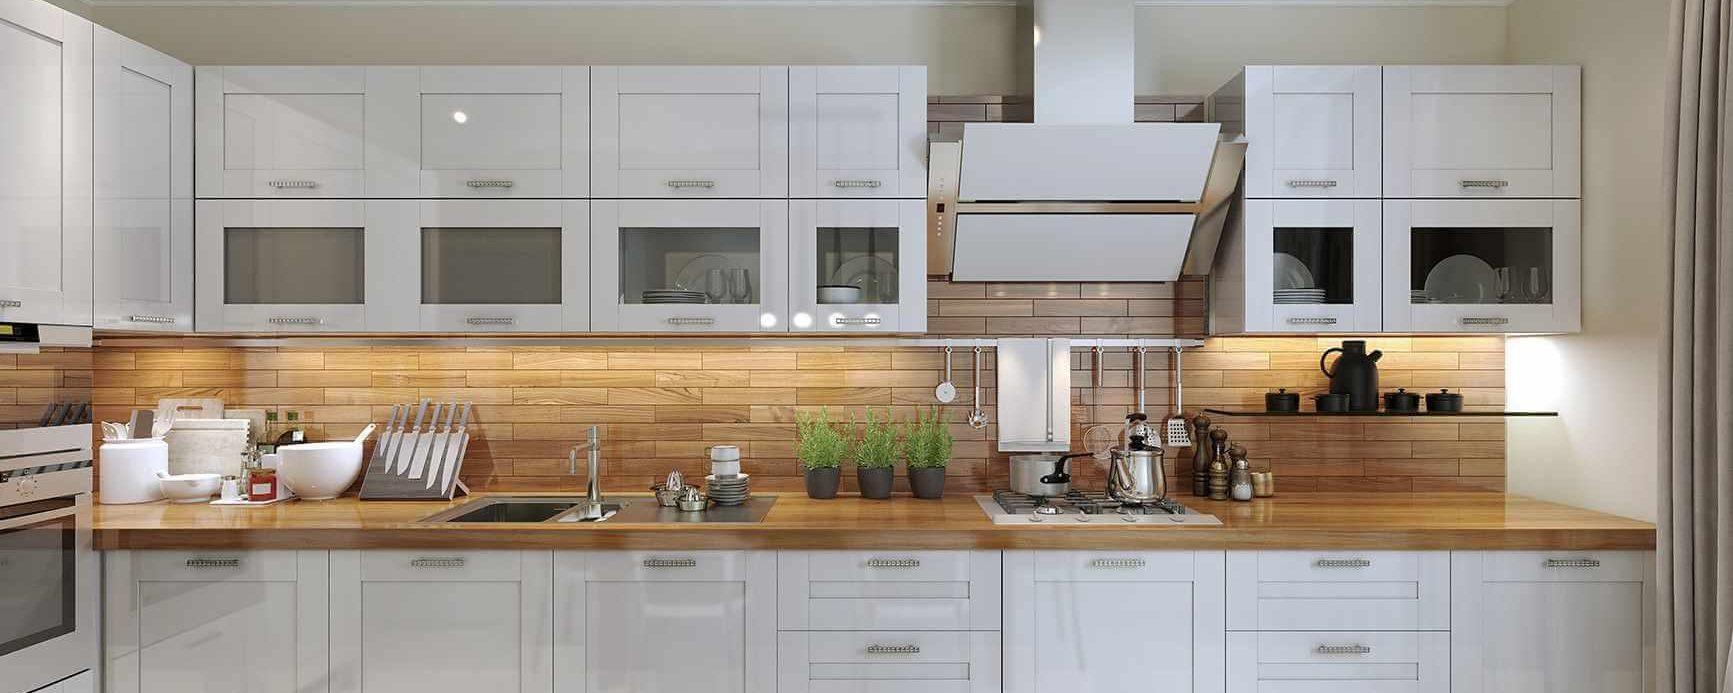 Mutfak Dekorasyonu ve Tasarımı